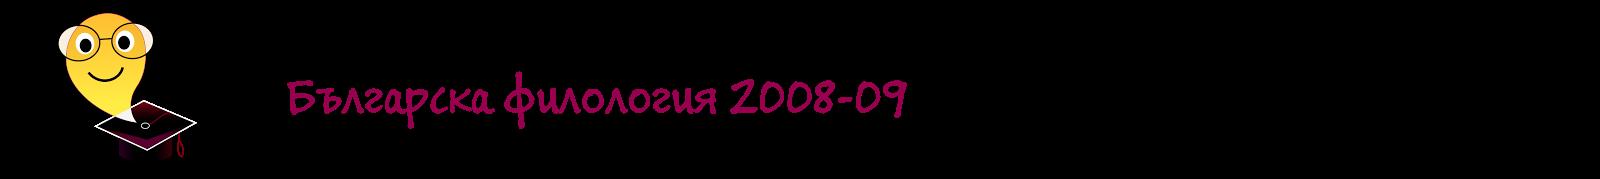 Българска филология 2008-09